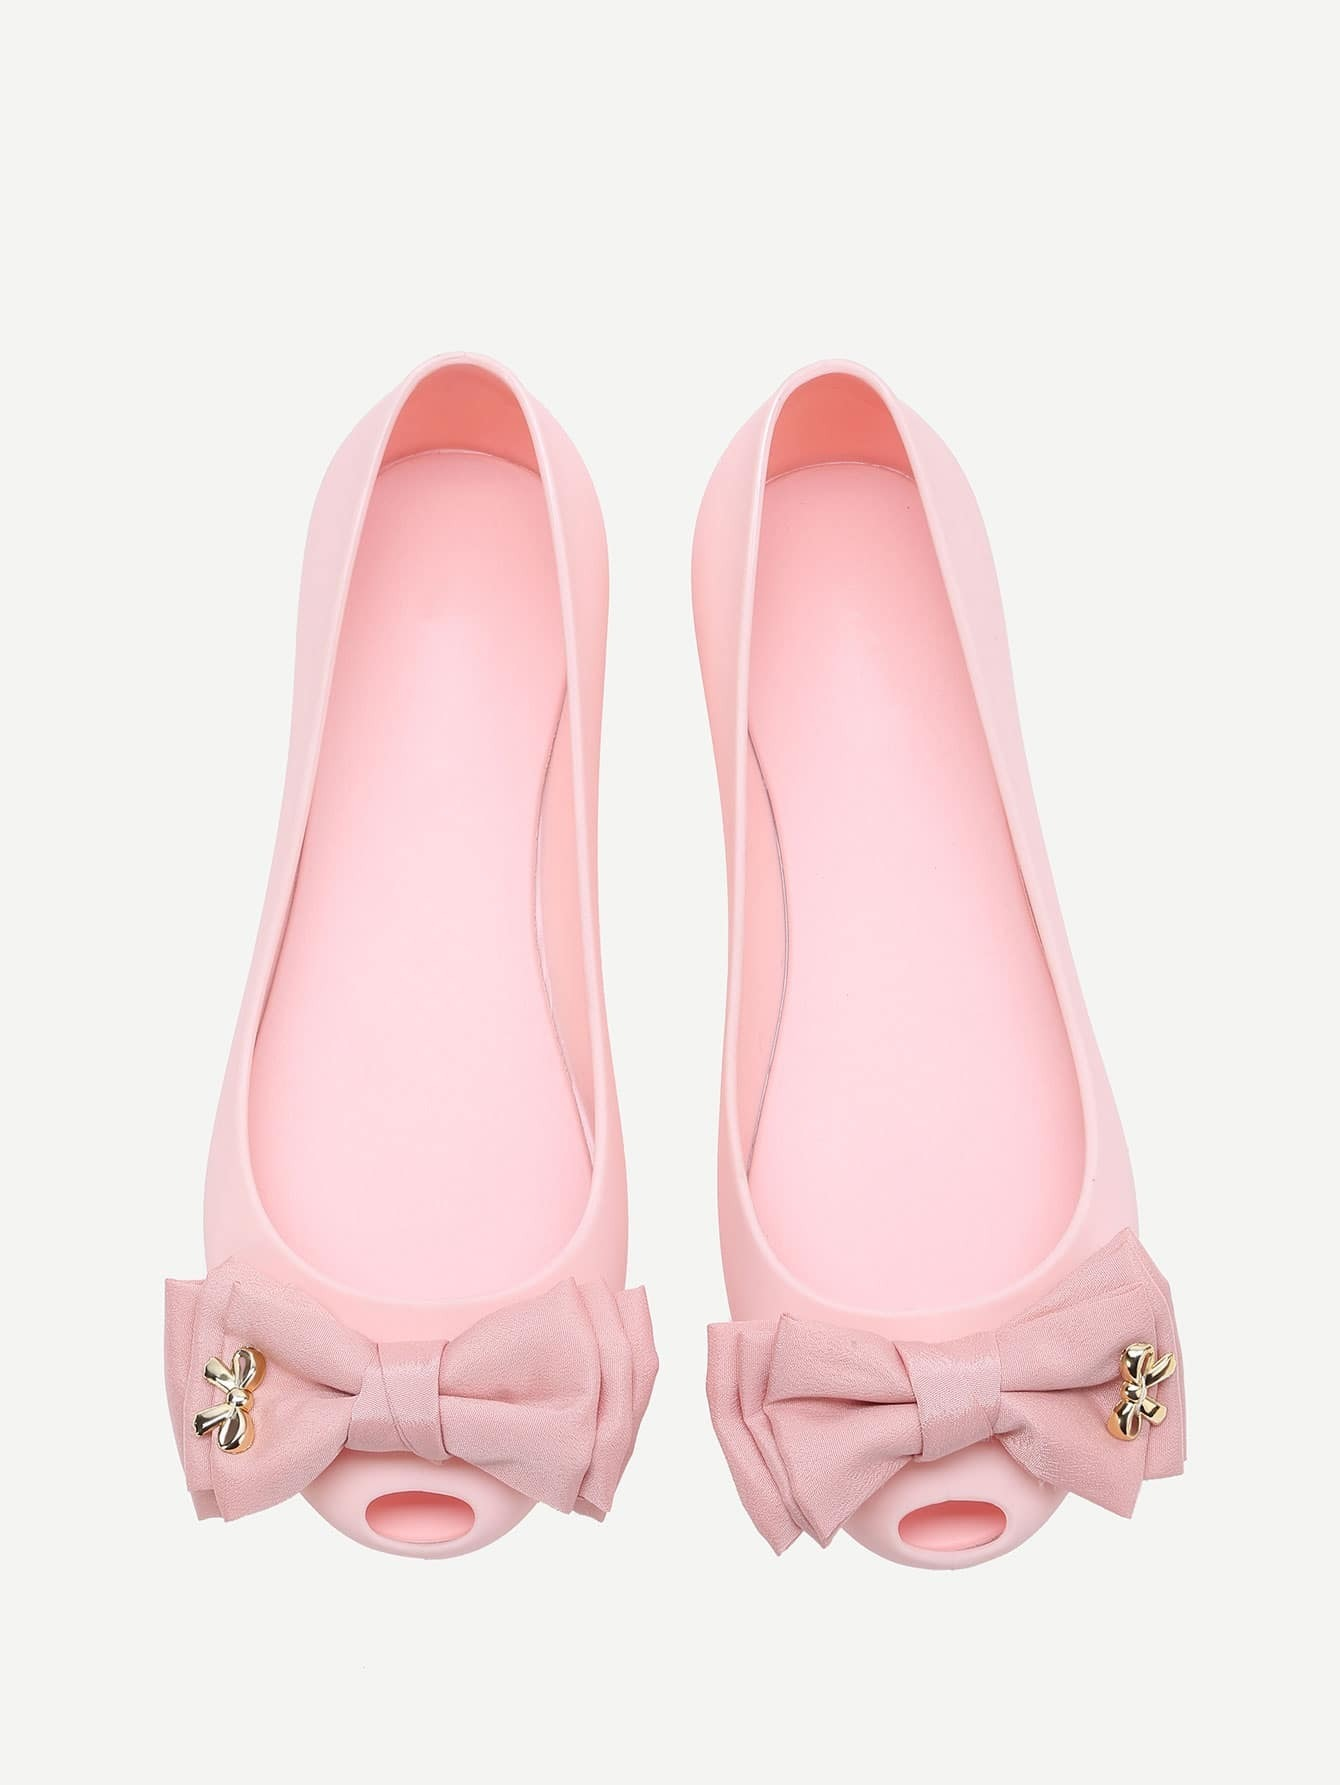 shoes170224802_2